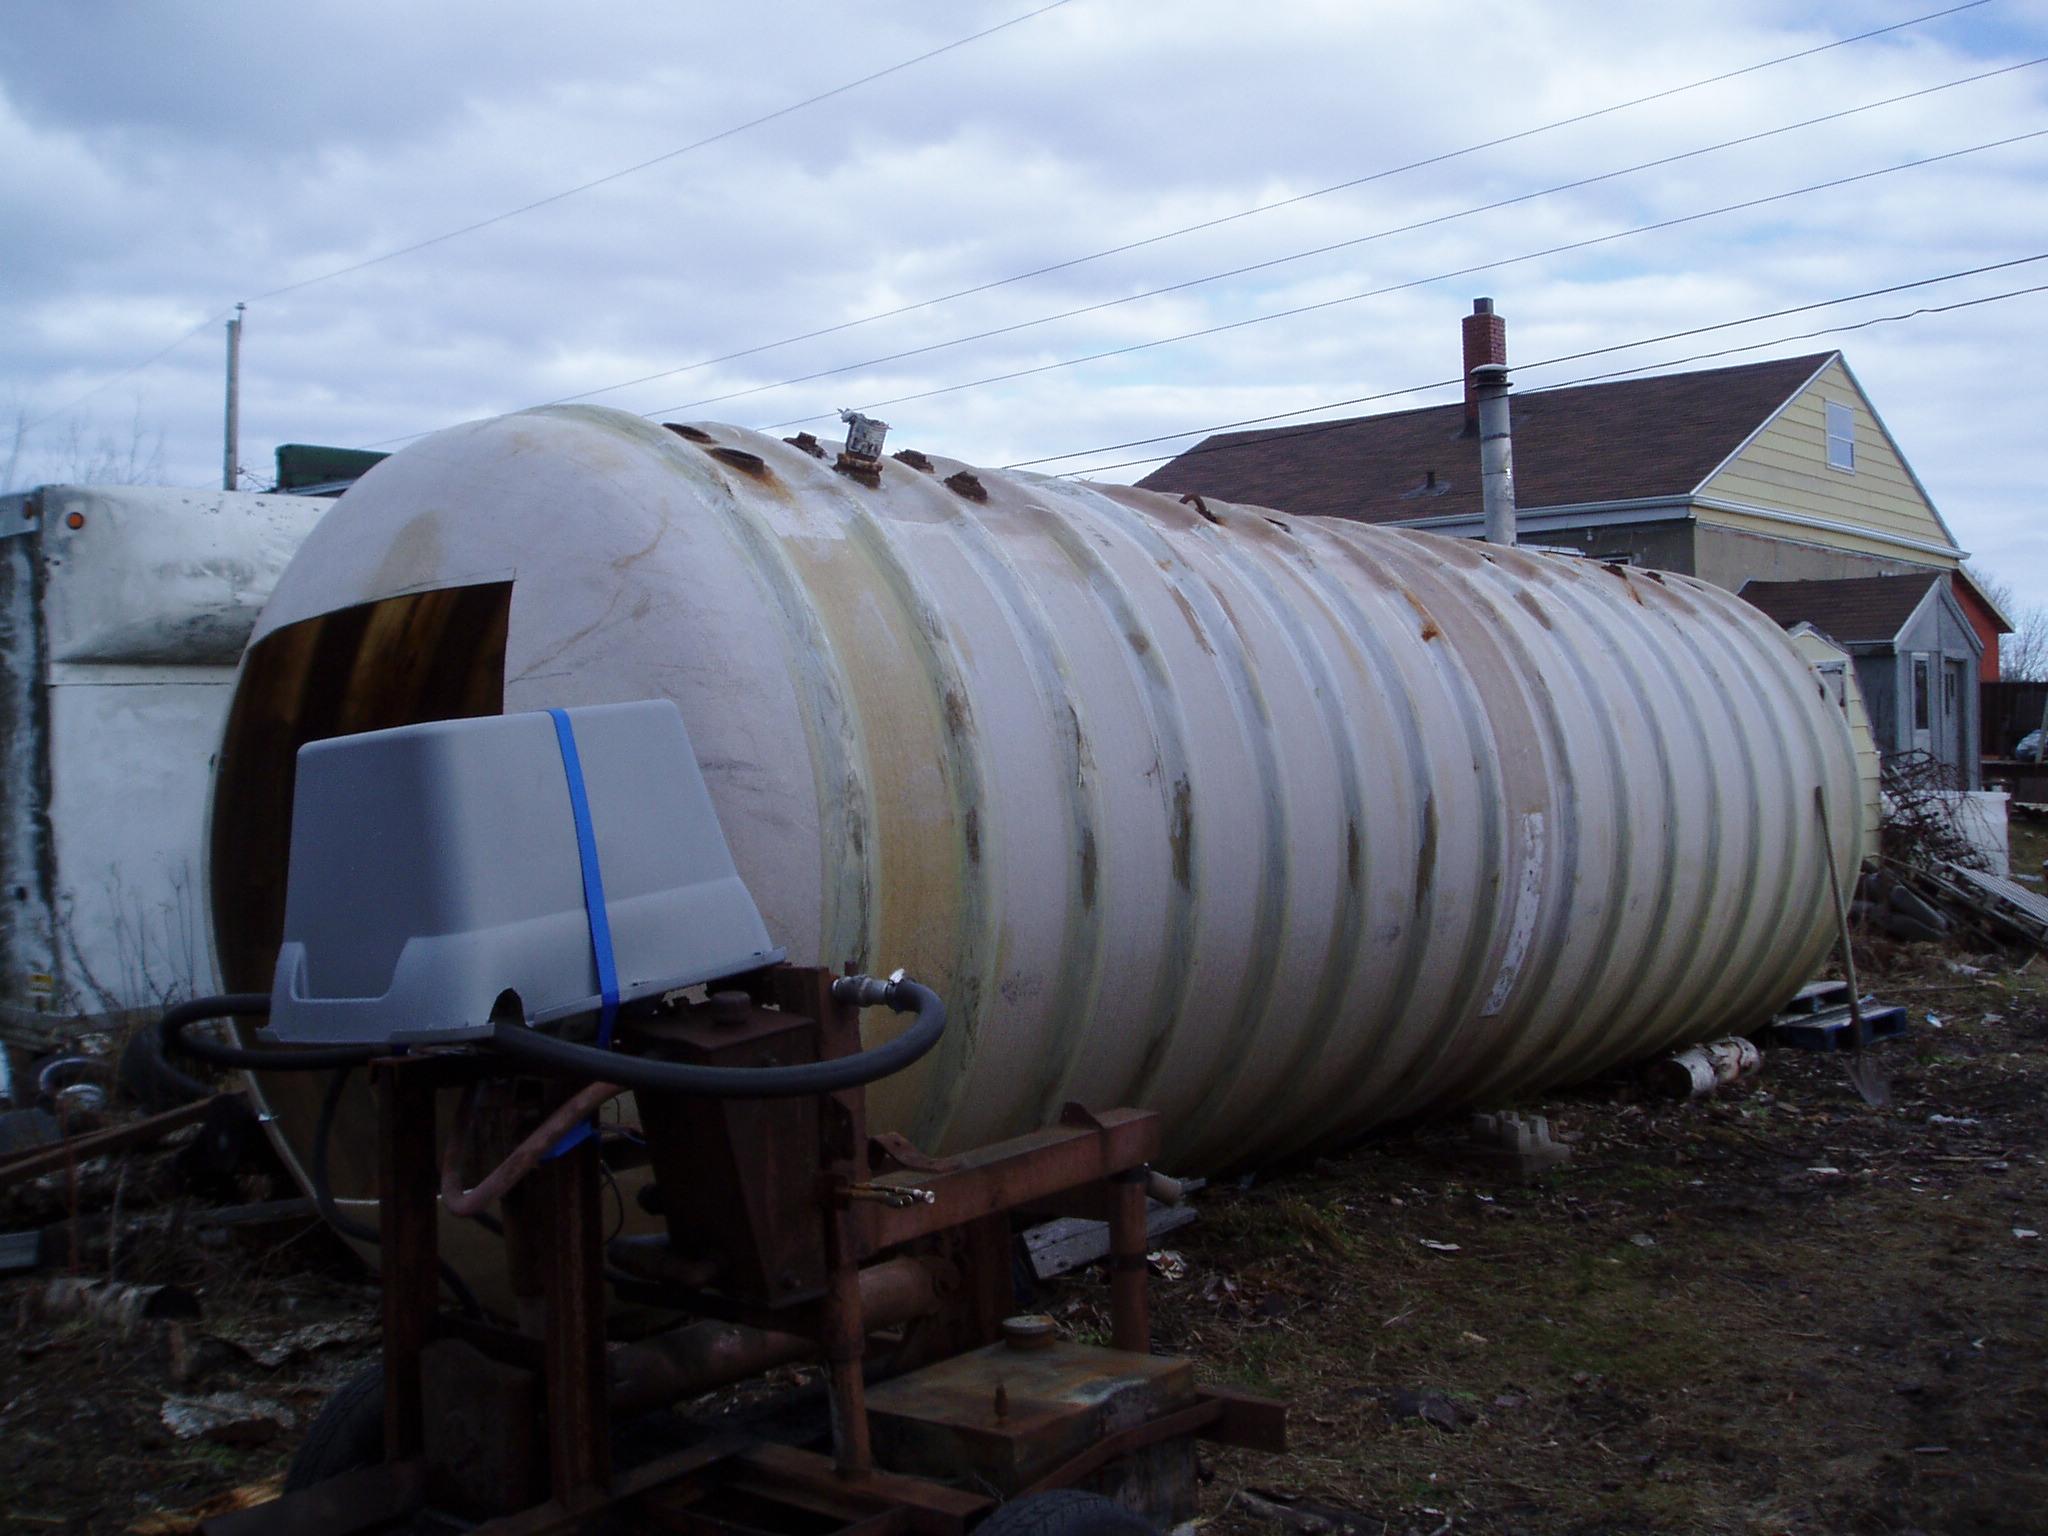 Fuel-tank-stored-in-junkyard.jpg